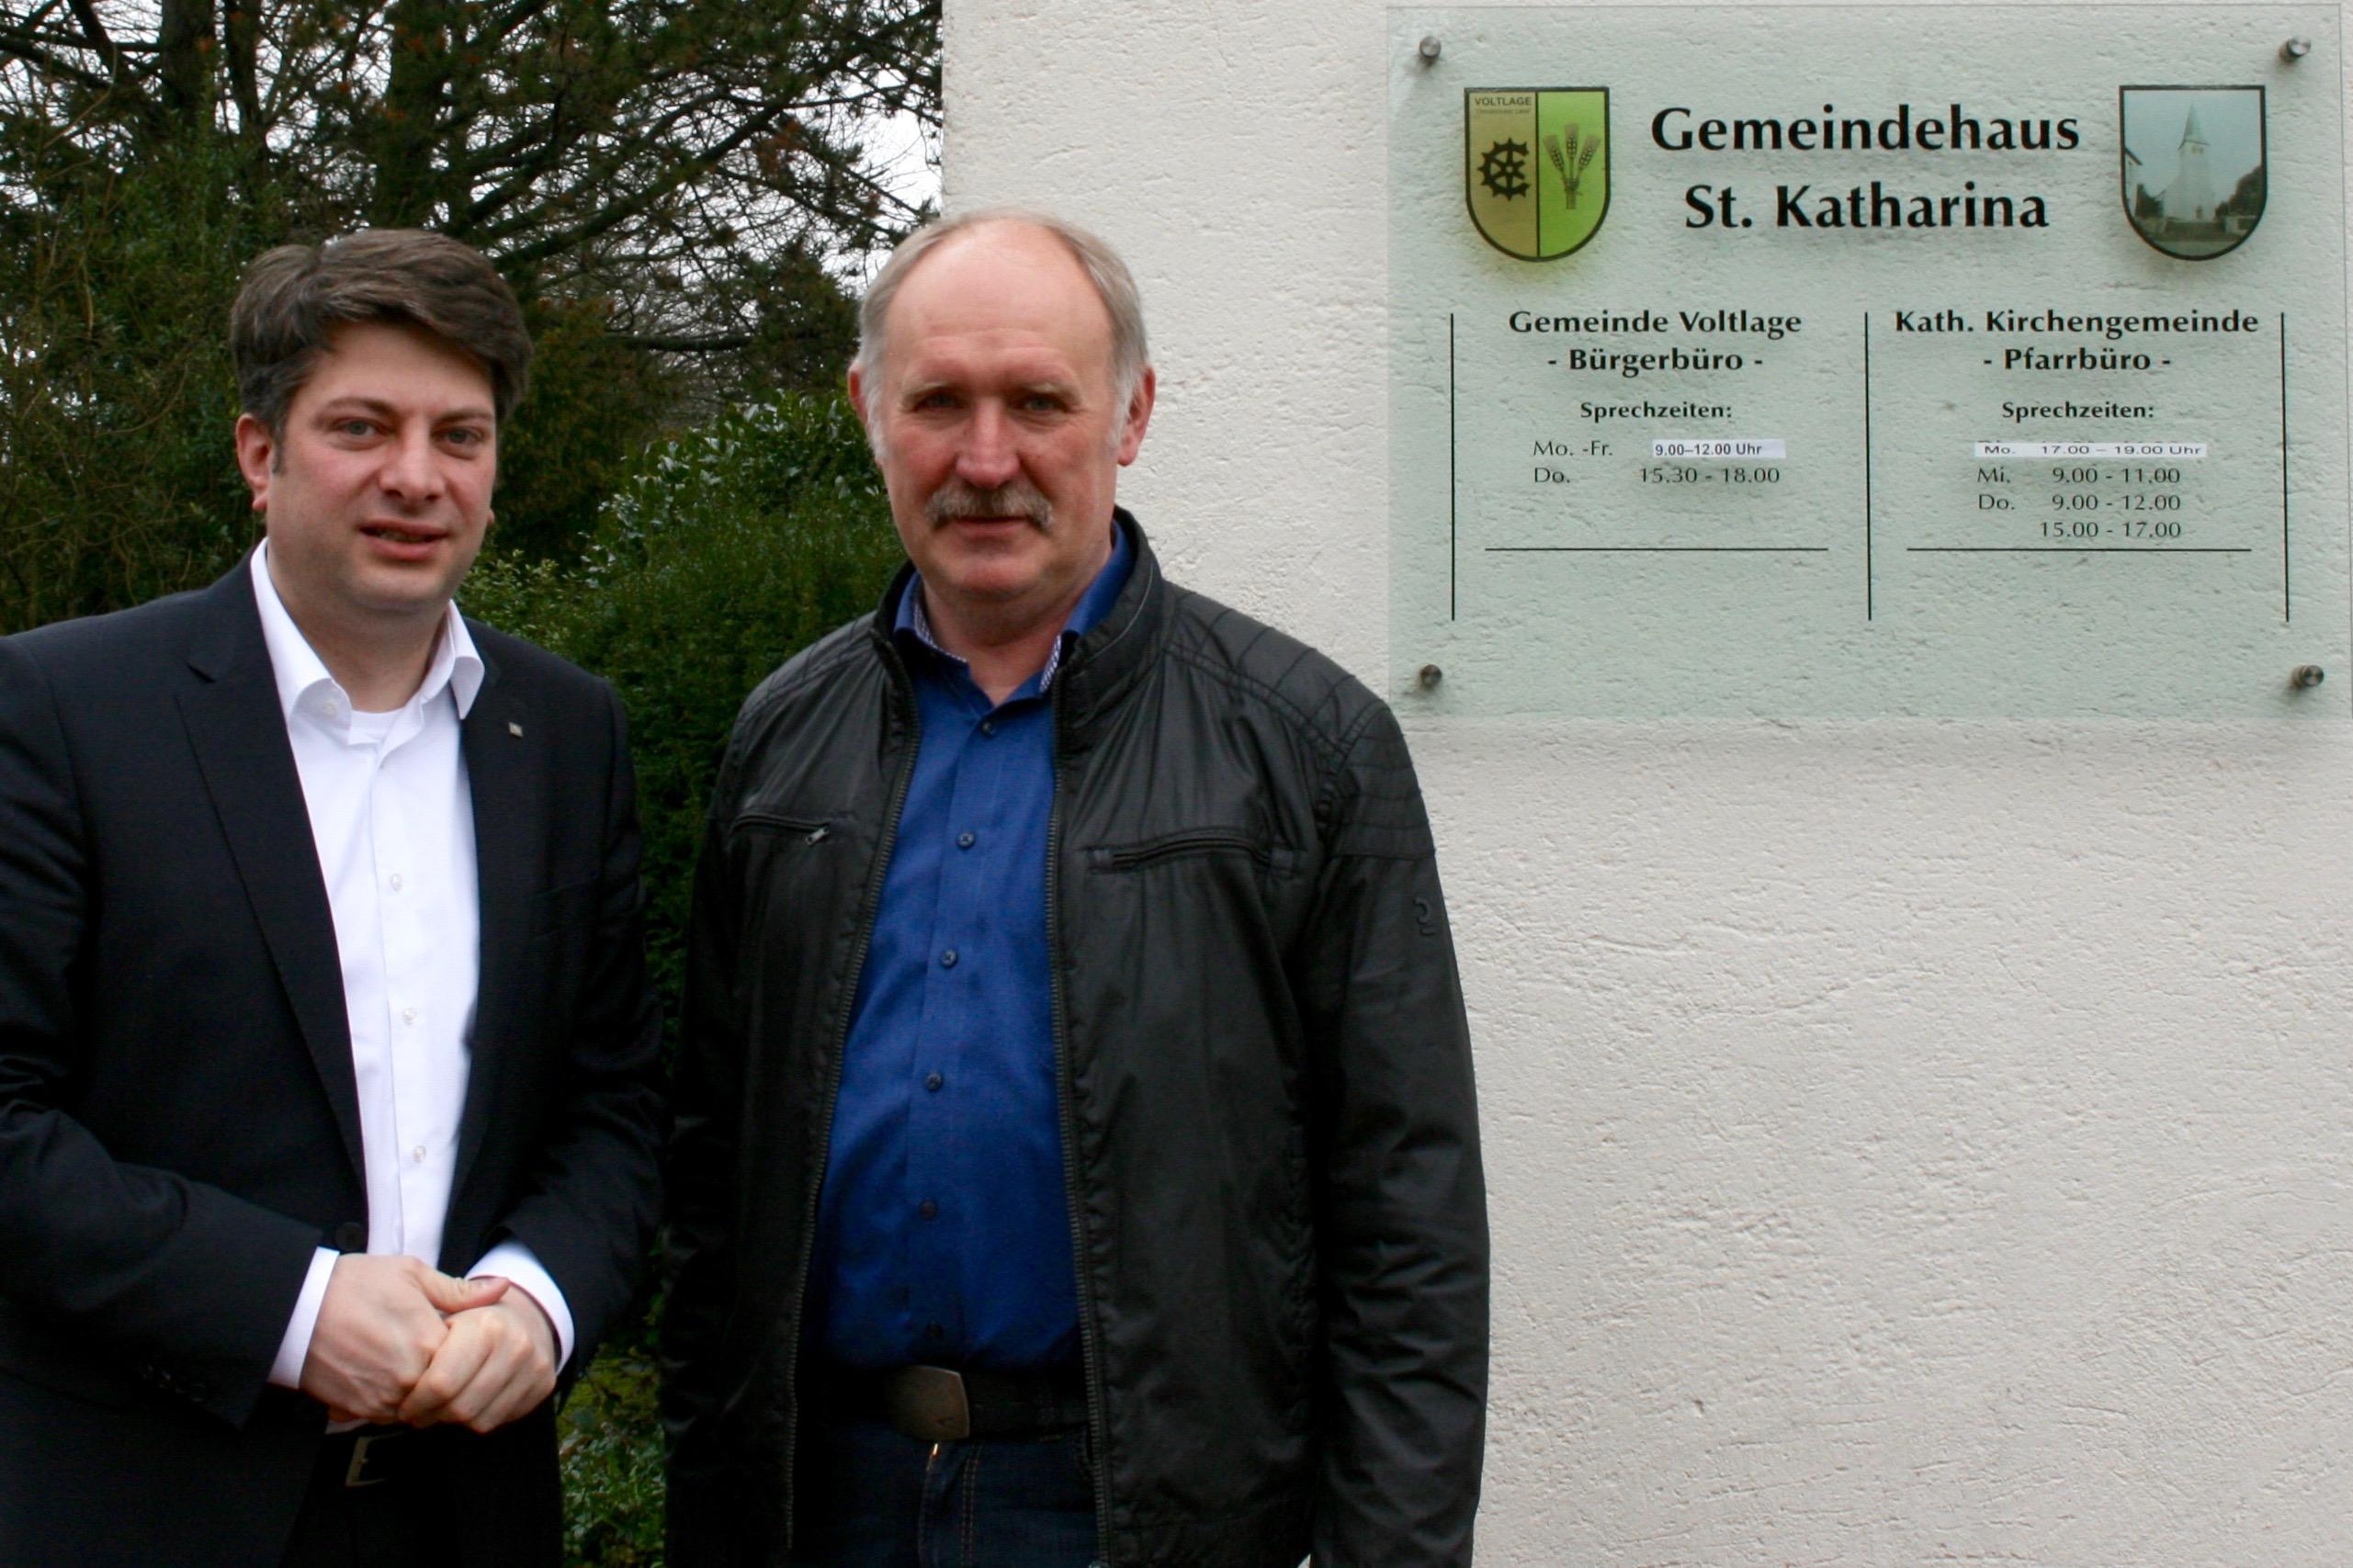 Antrittsbesuch bei Bürgermeister der Gemeinde Voltlage: MdL Calderone besuchte Bürgermeister Trame im Voltlager Gemeindebüro.